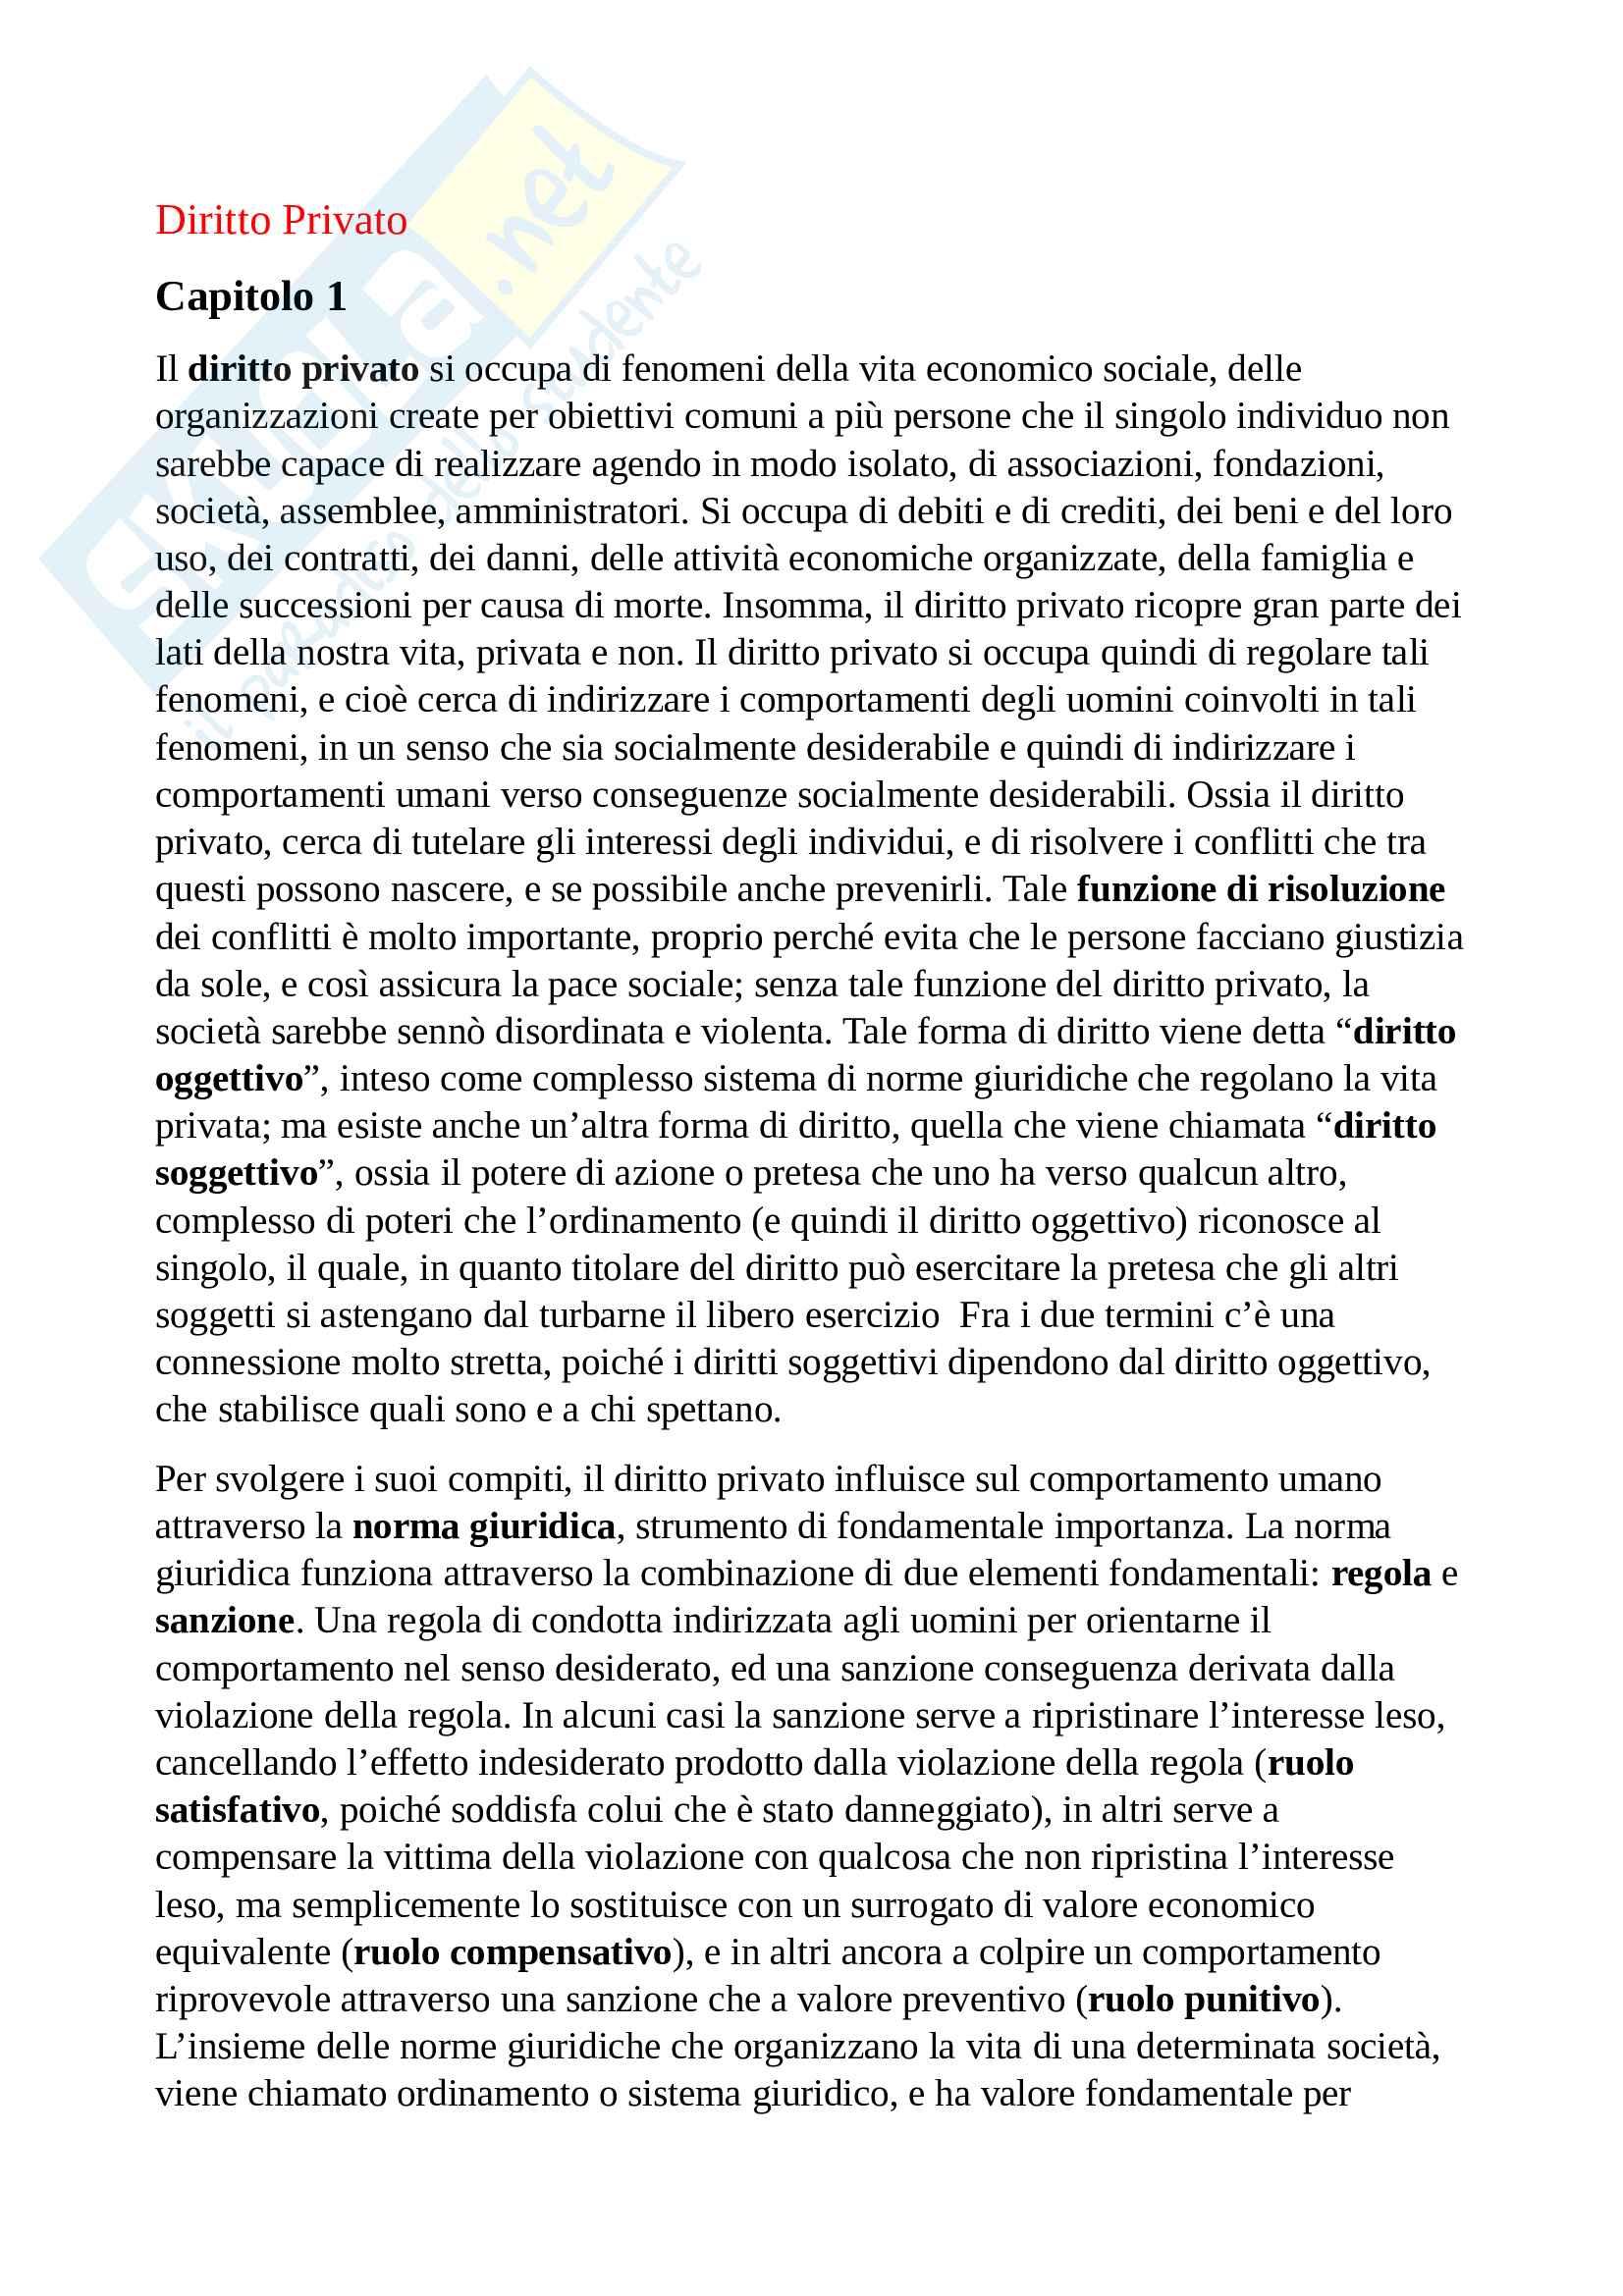 Riassunto esame diritto privato, prof. Bargelli, libro consigliato Diritto Privato - Linee essenziali, Roppo